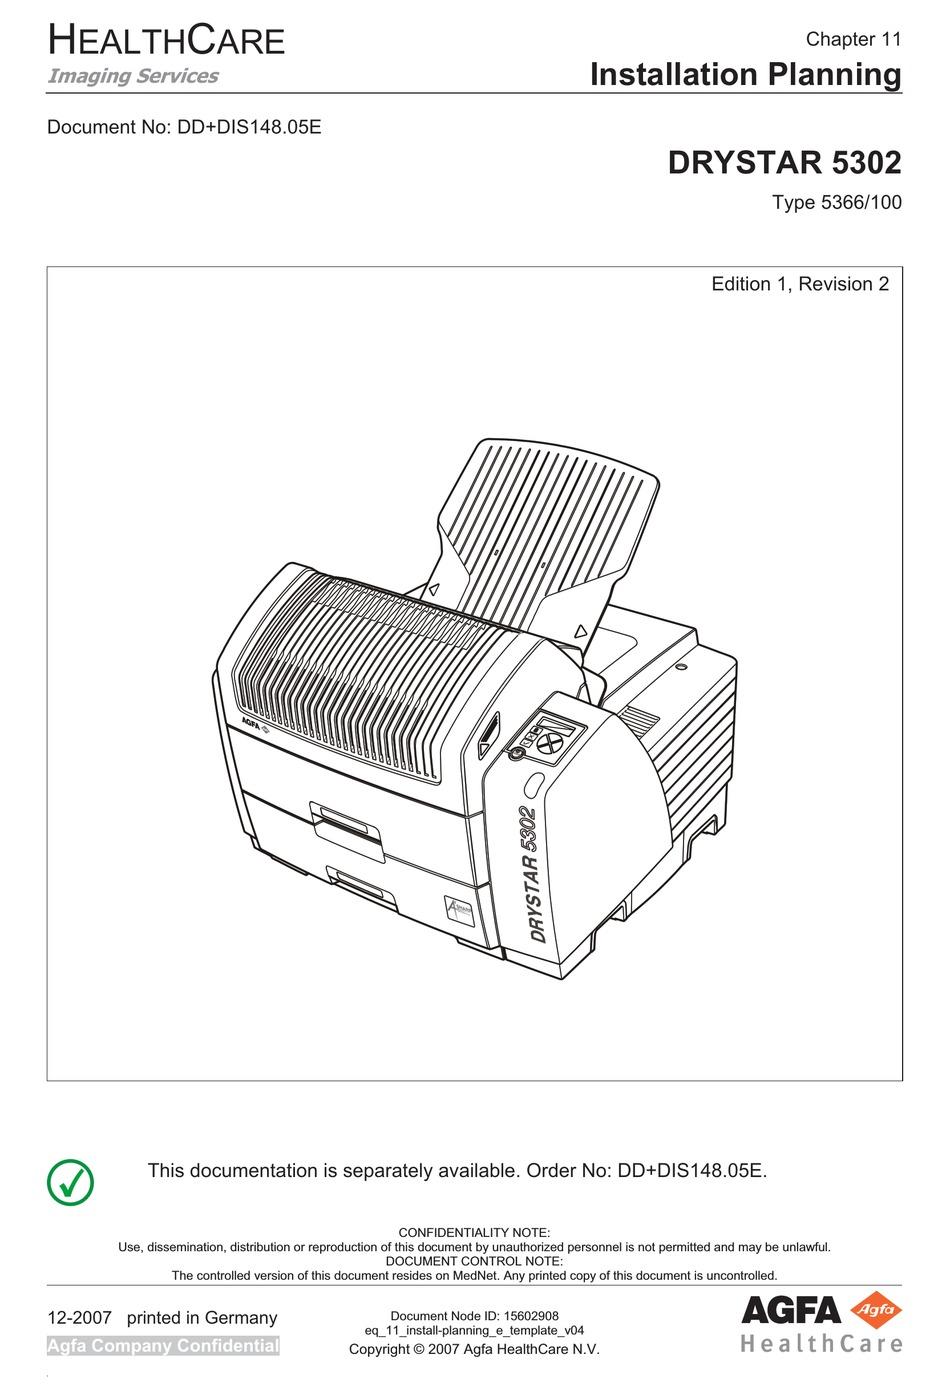 AGFA DRYSTAR 5302 INSTALLATION PLANNING Pdf Download